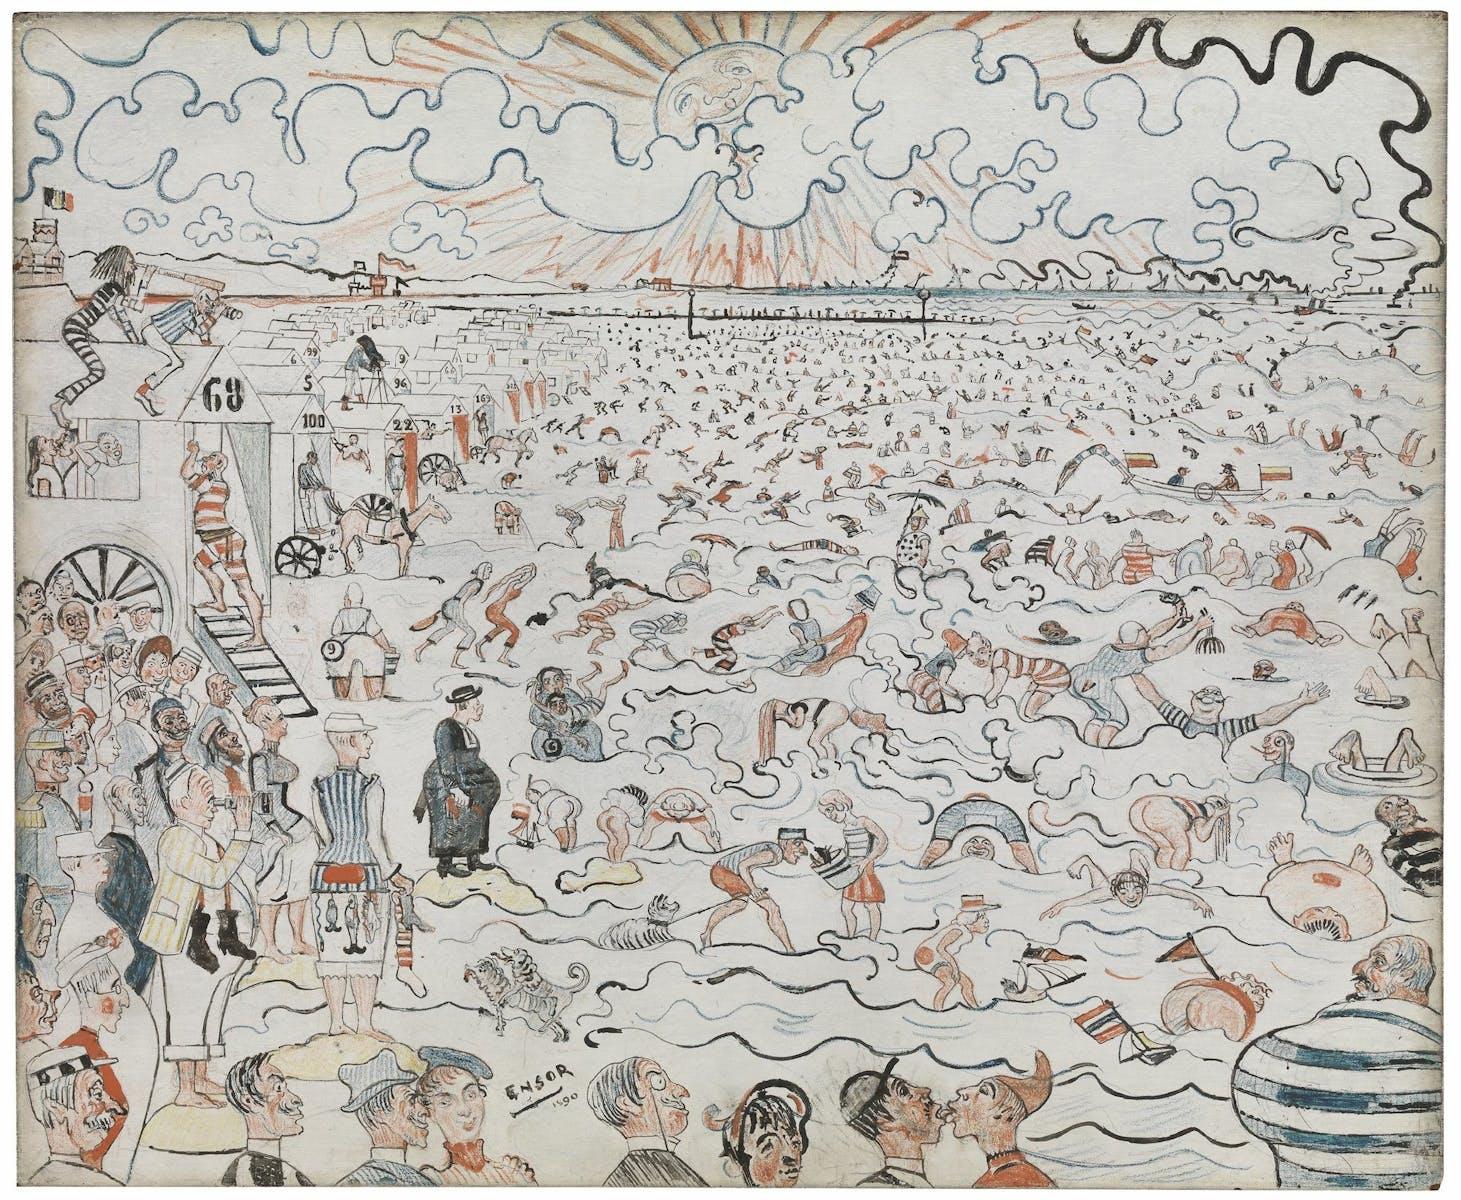 James Ensor, The Baths at Ostende